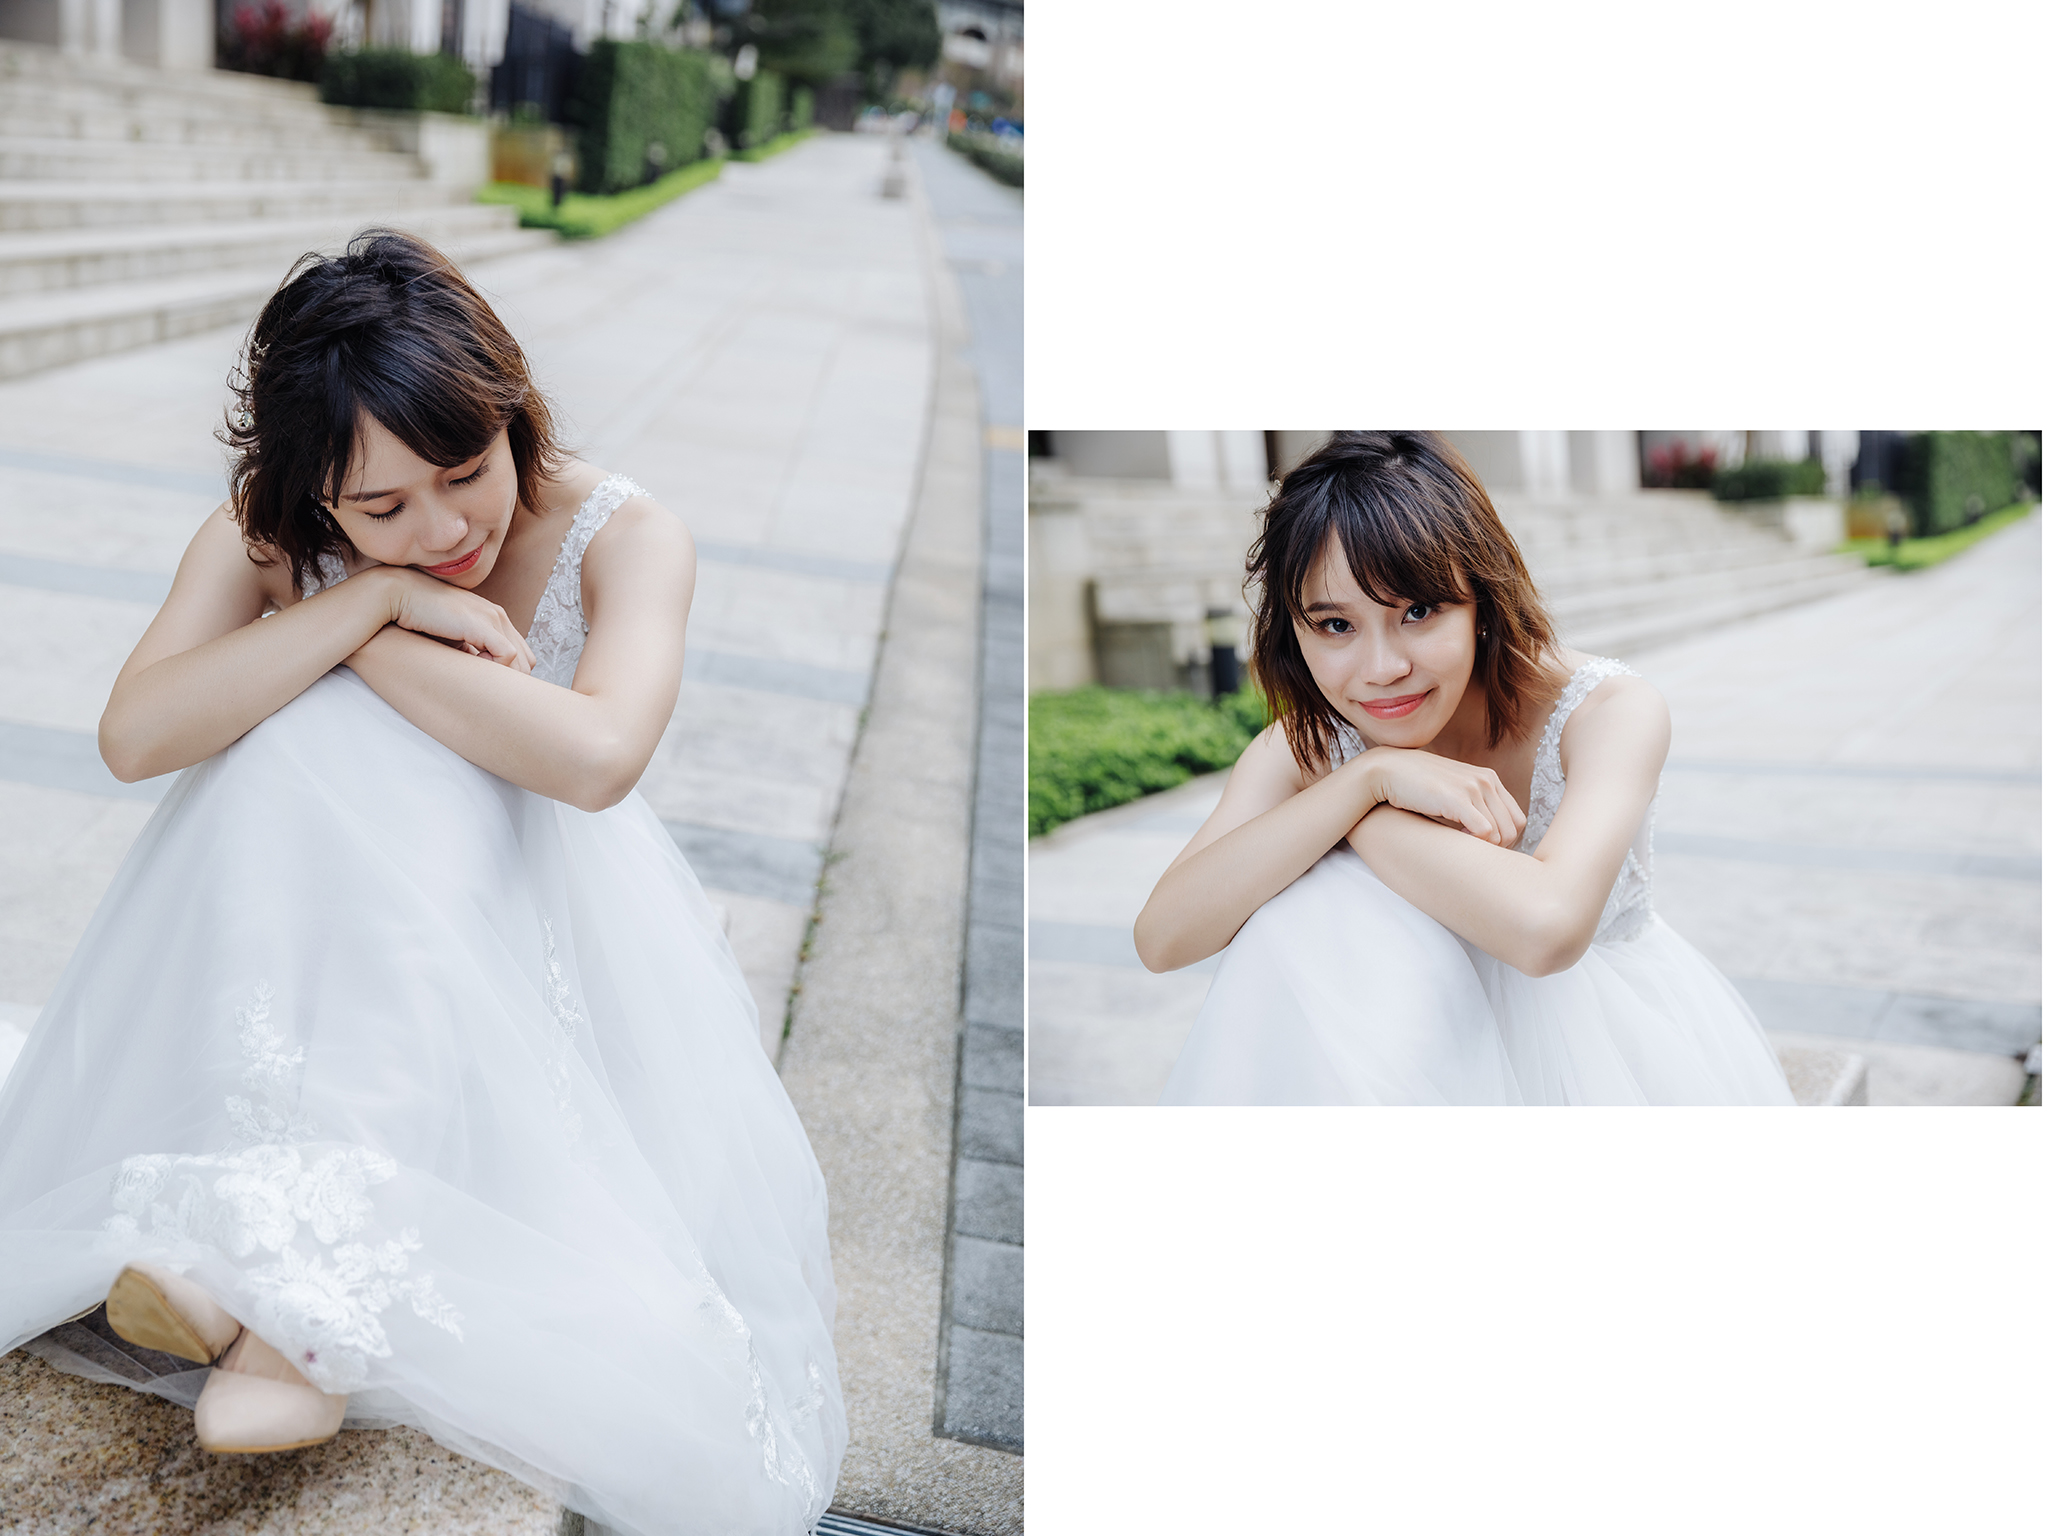 40901349323 44f47dba86 o - 【閨蜜婚紗】+育誠&娟羽&映煦+